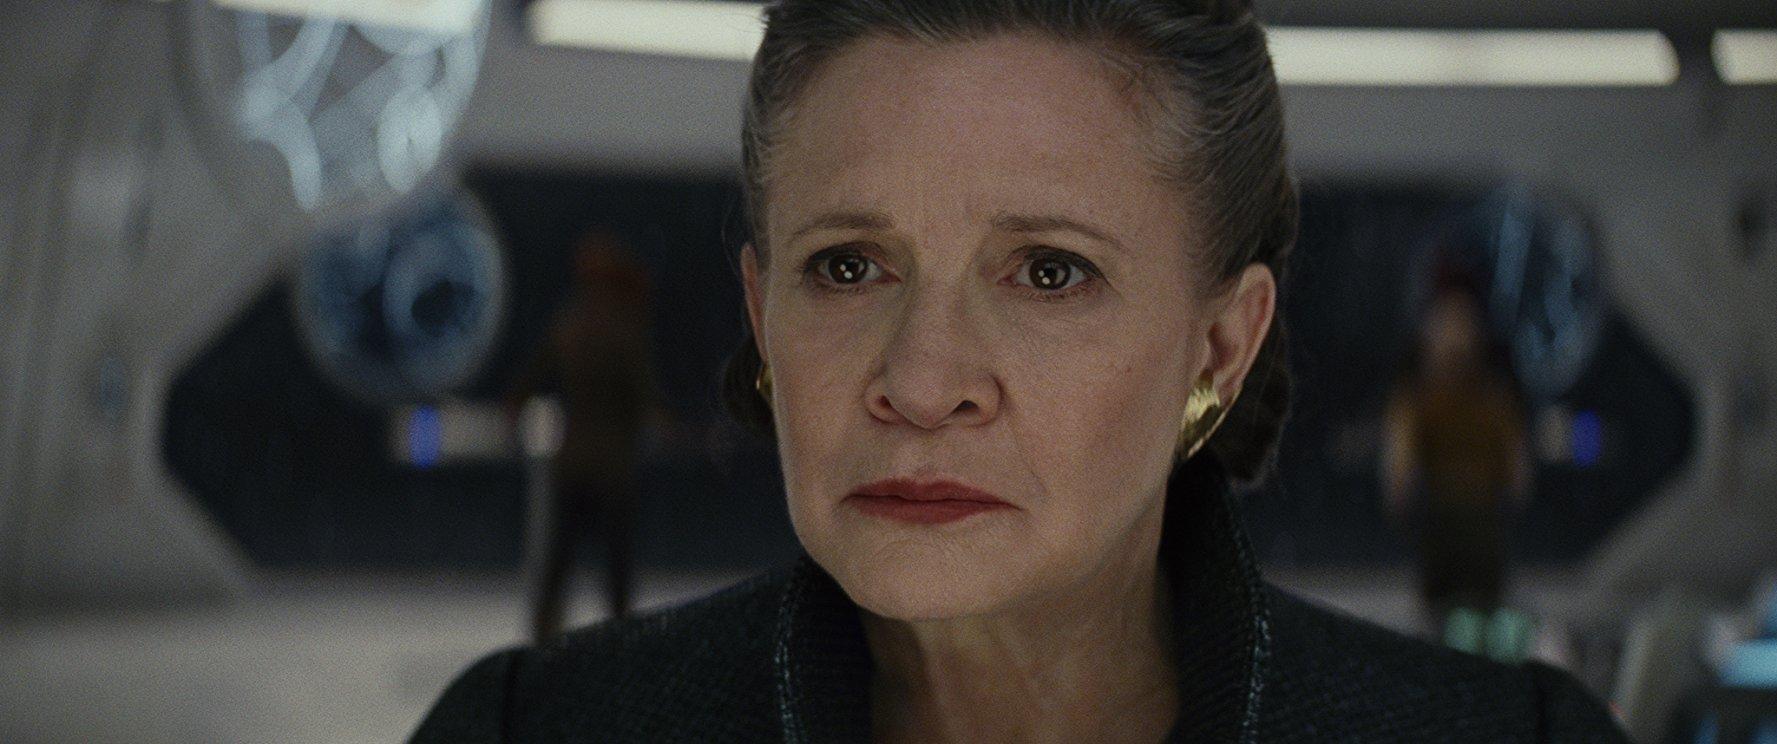 (그 오래된) 미래와의 전쟁, 스타워즈: 라스트 제다이